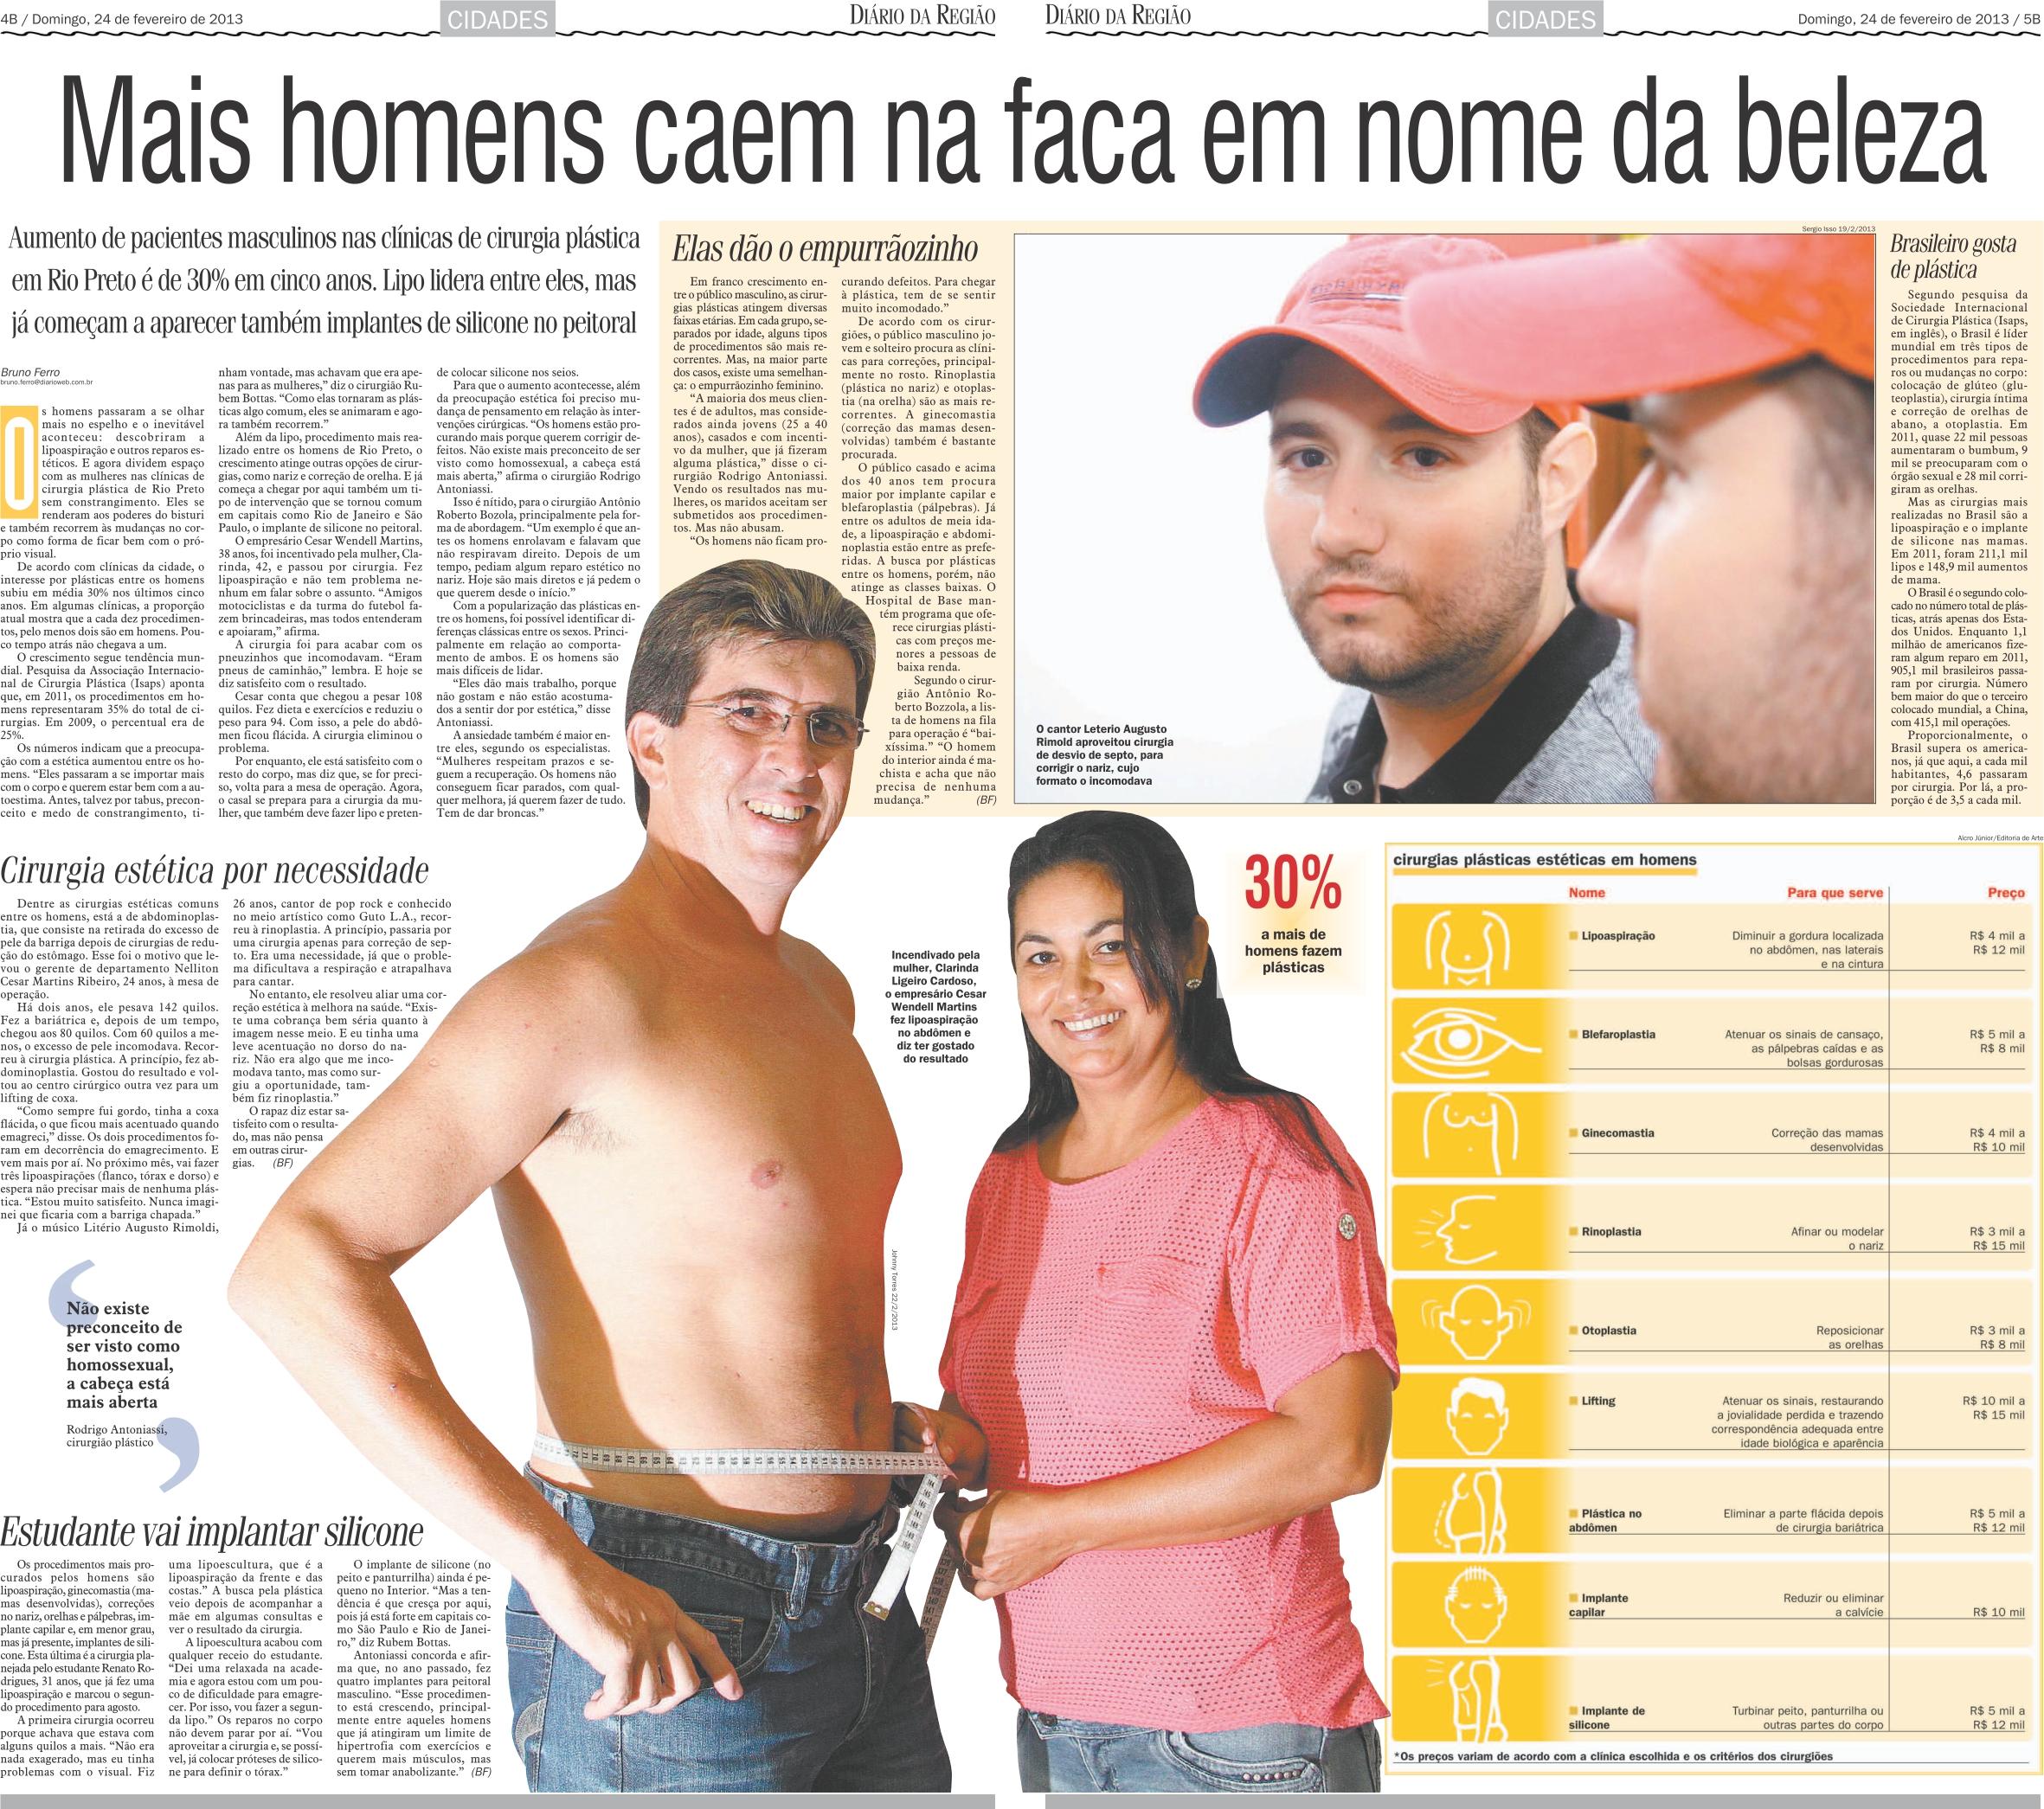 Diário da Região - Fevereiro 2013